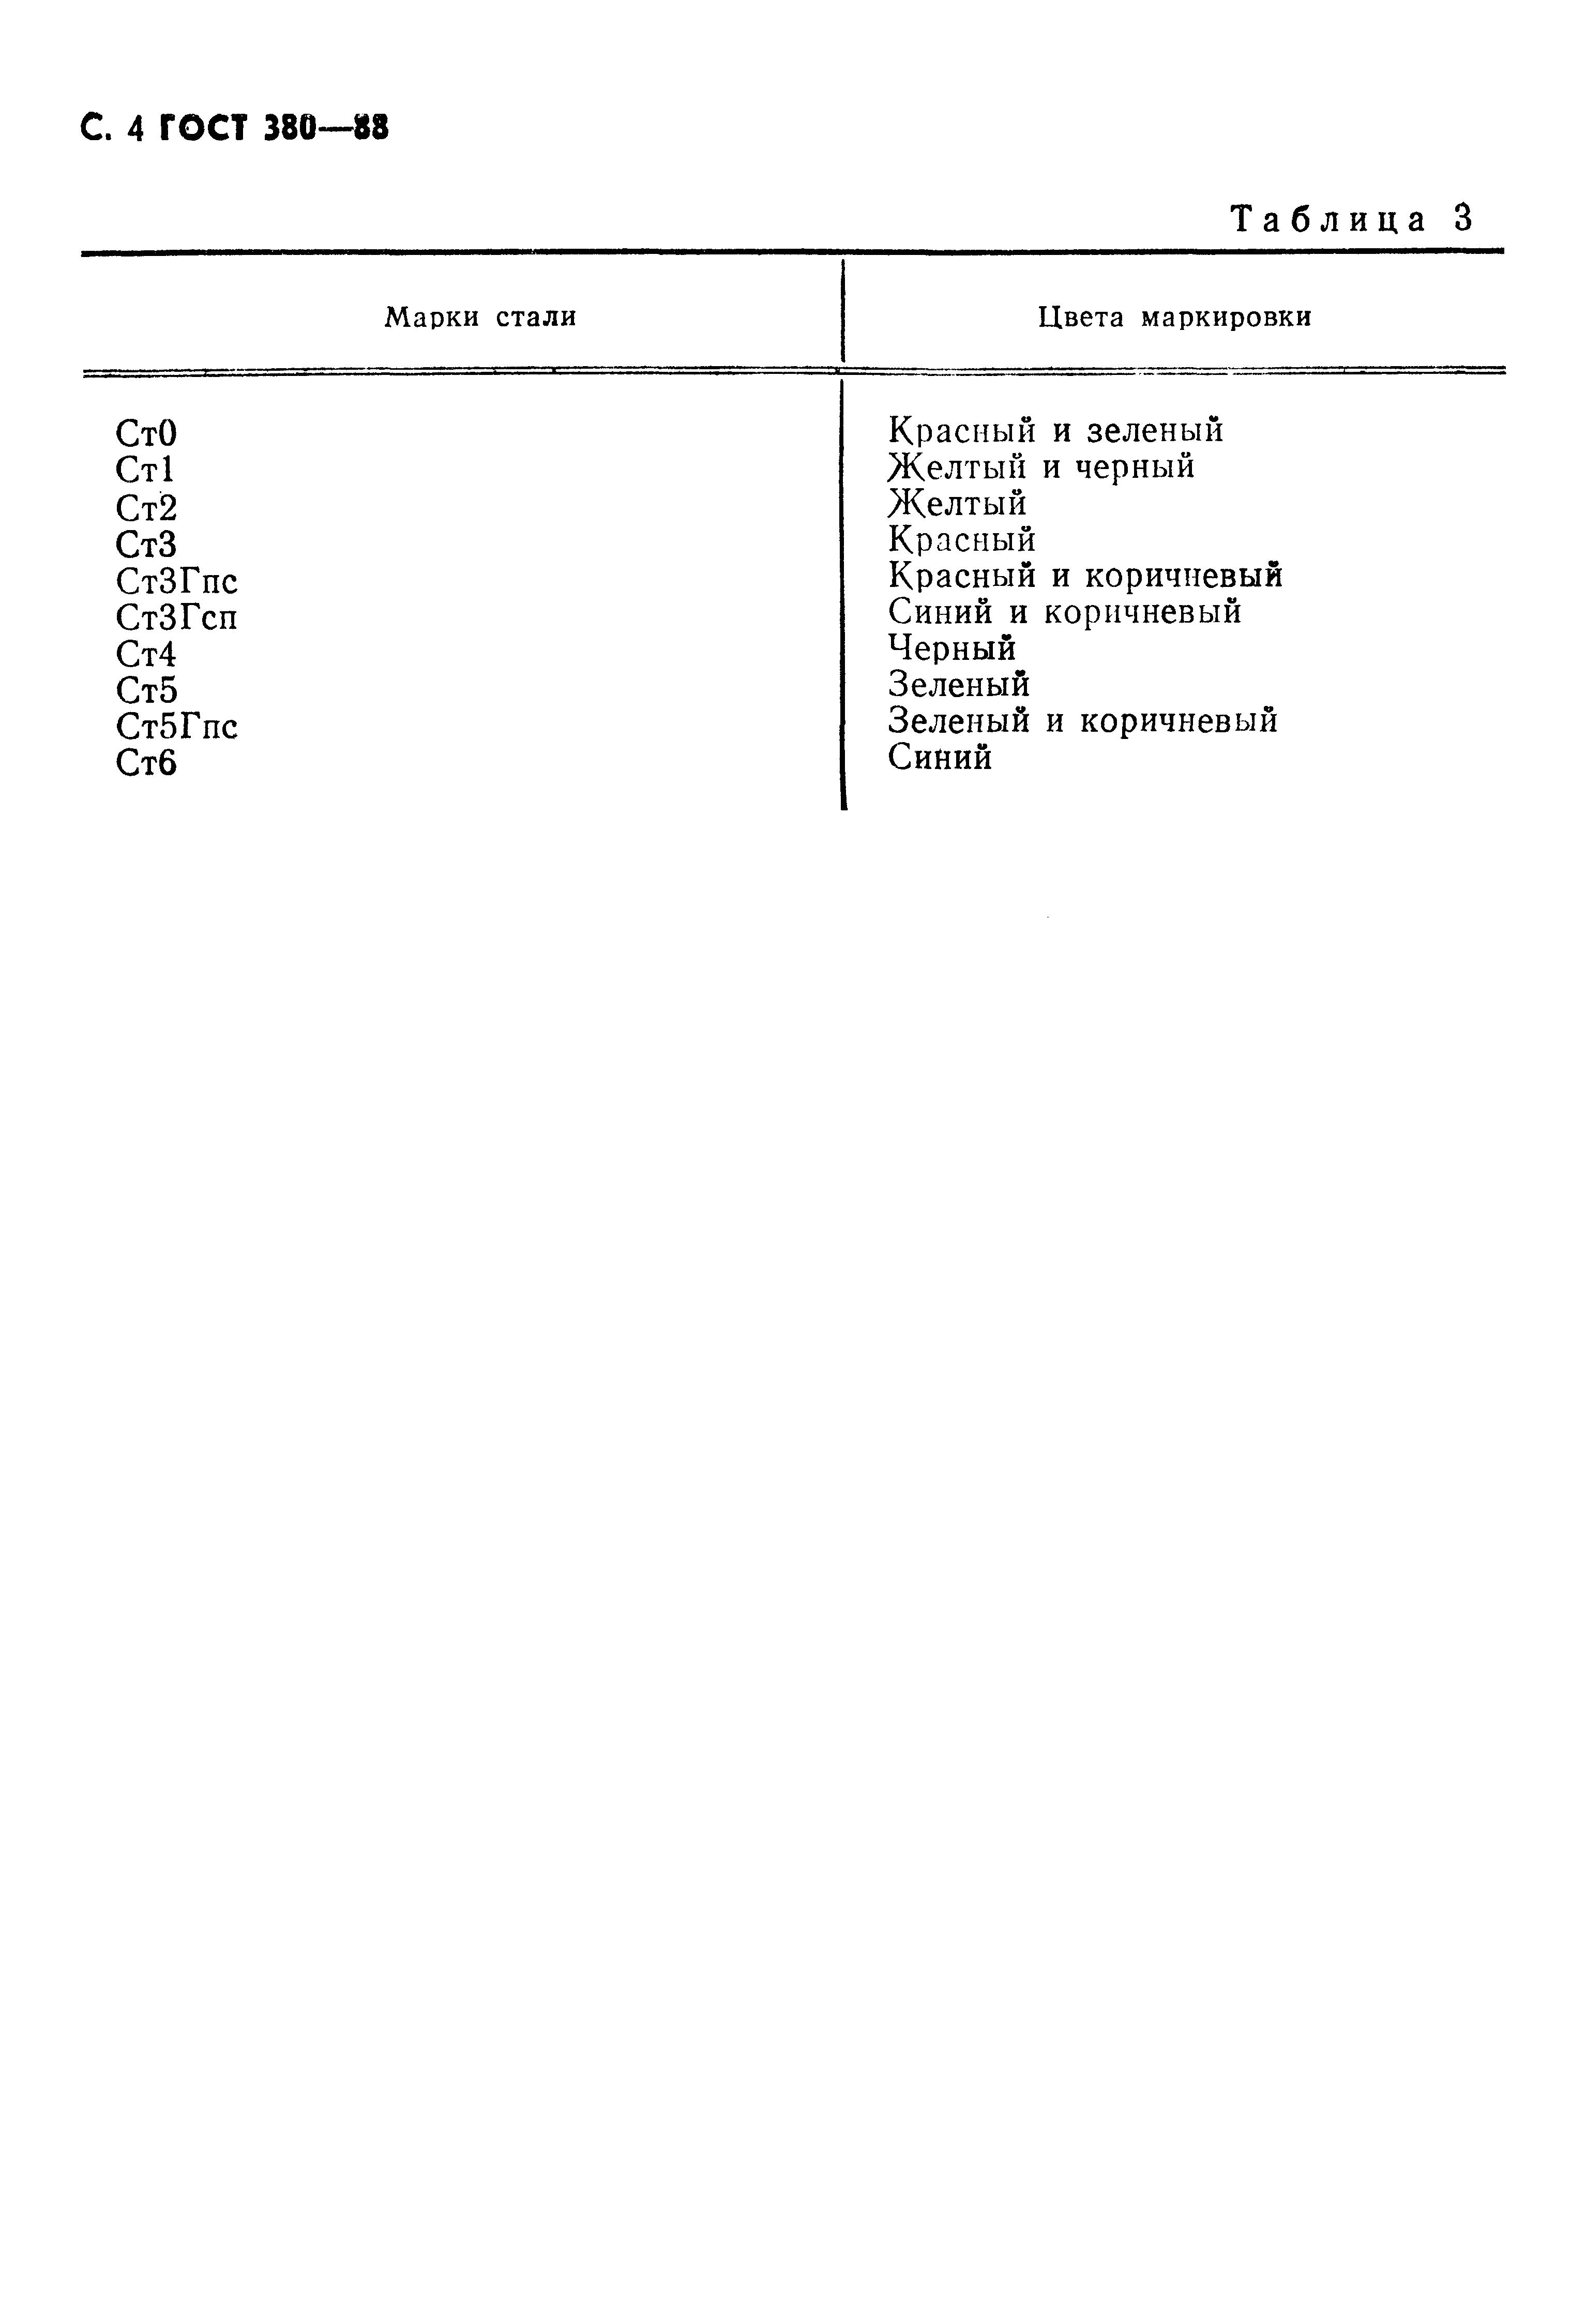 ГОСТ 380-88. Страница 5